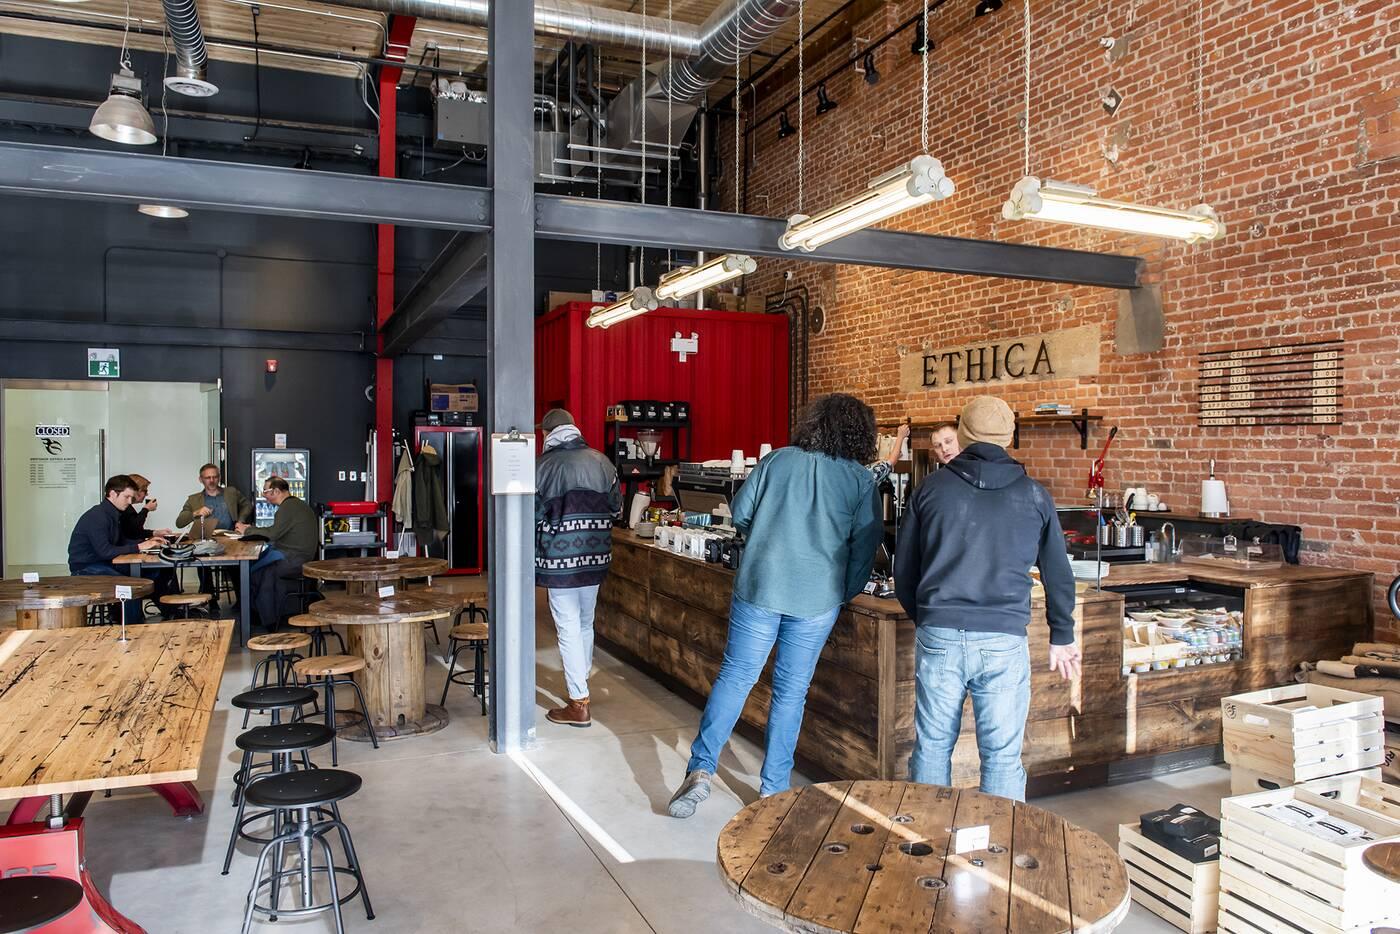 ethica coffee toronto